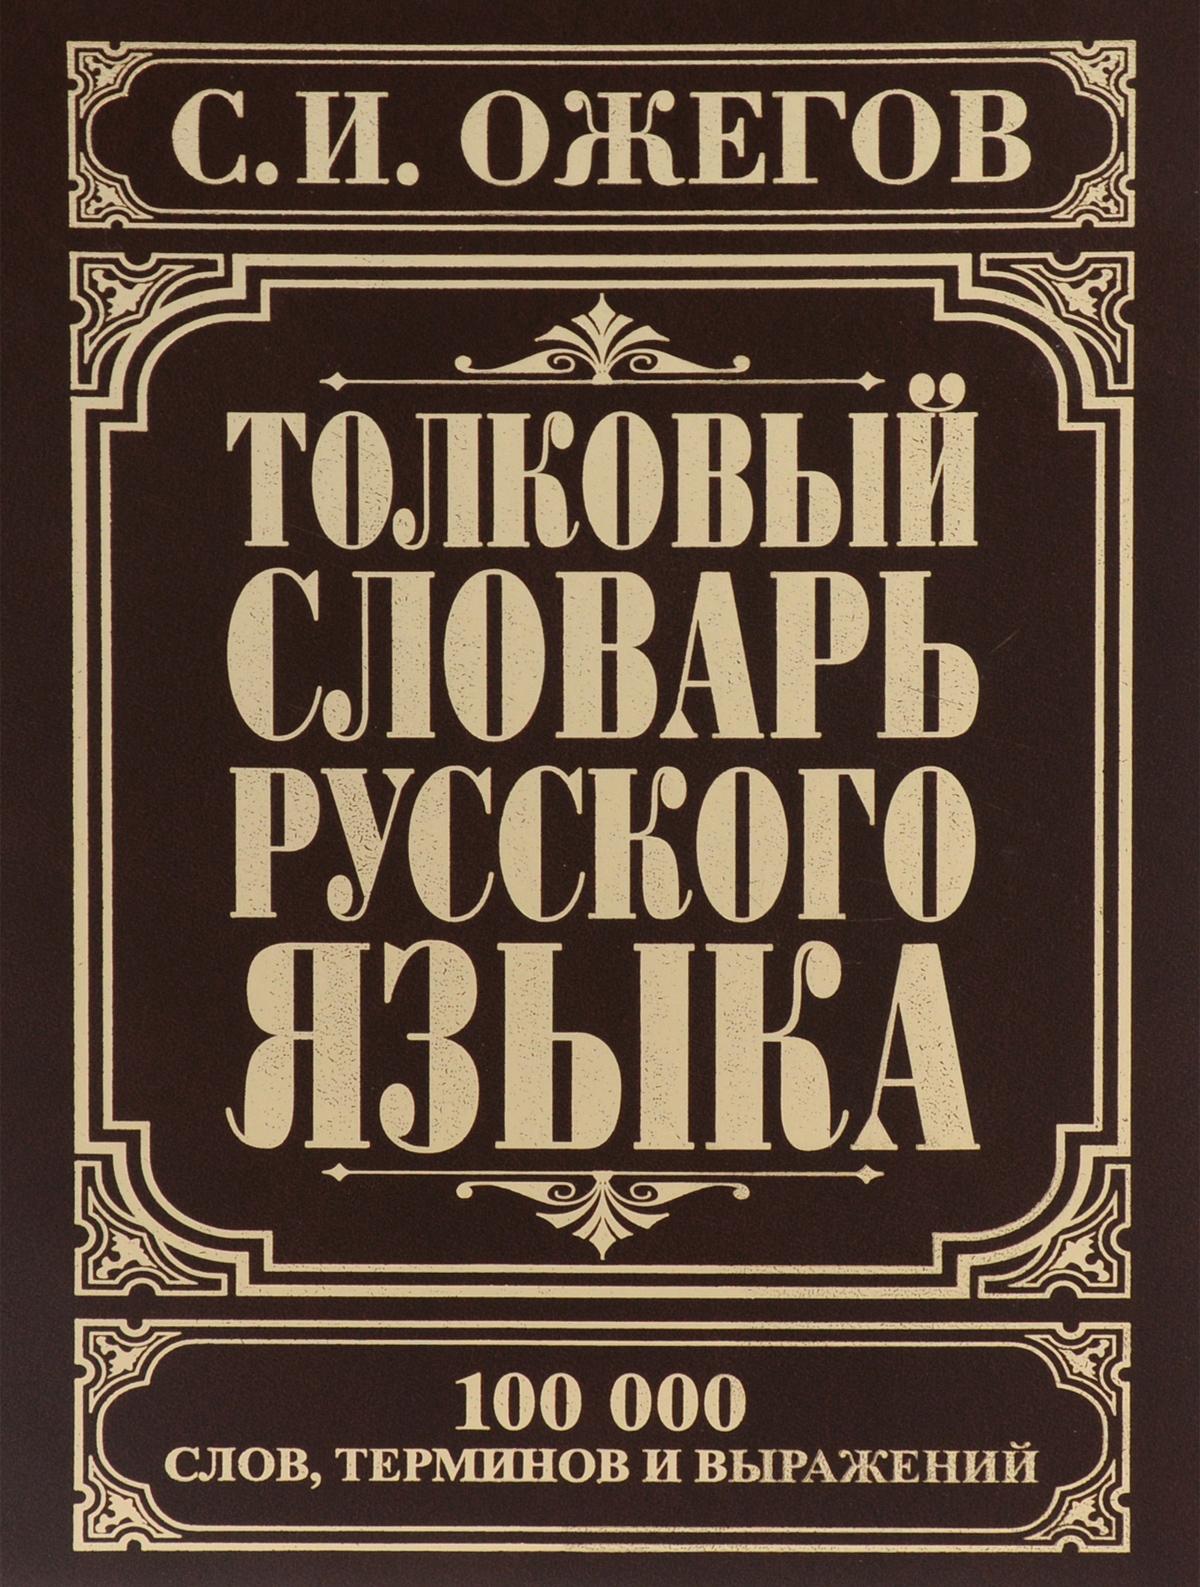 С. И. Ожегов Толковый словарь русского языка. 100000 слов, терминов и выражений